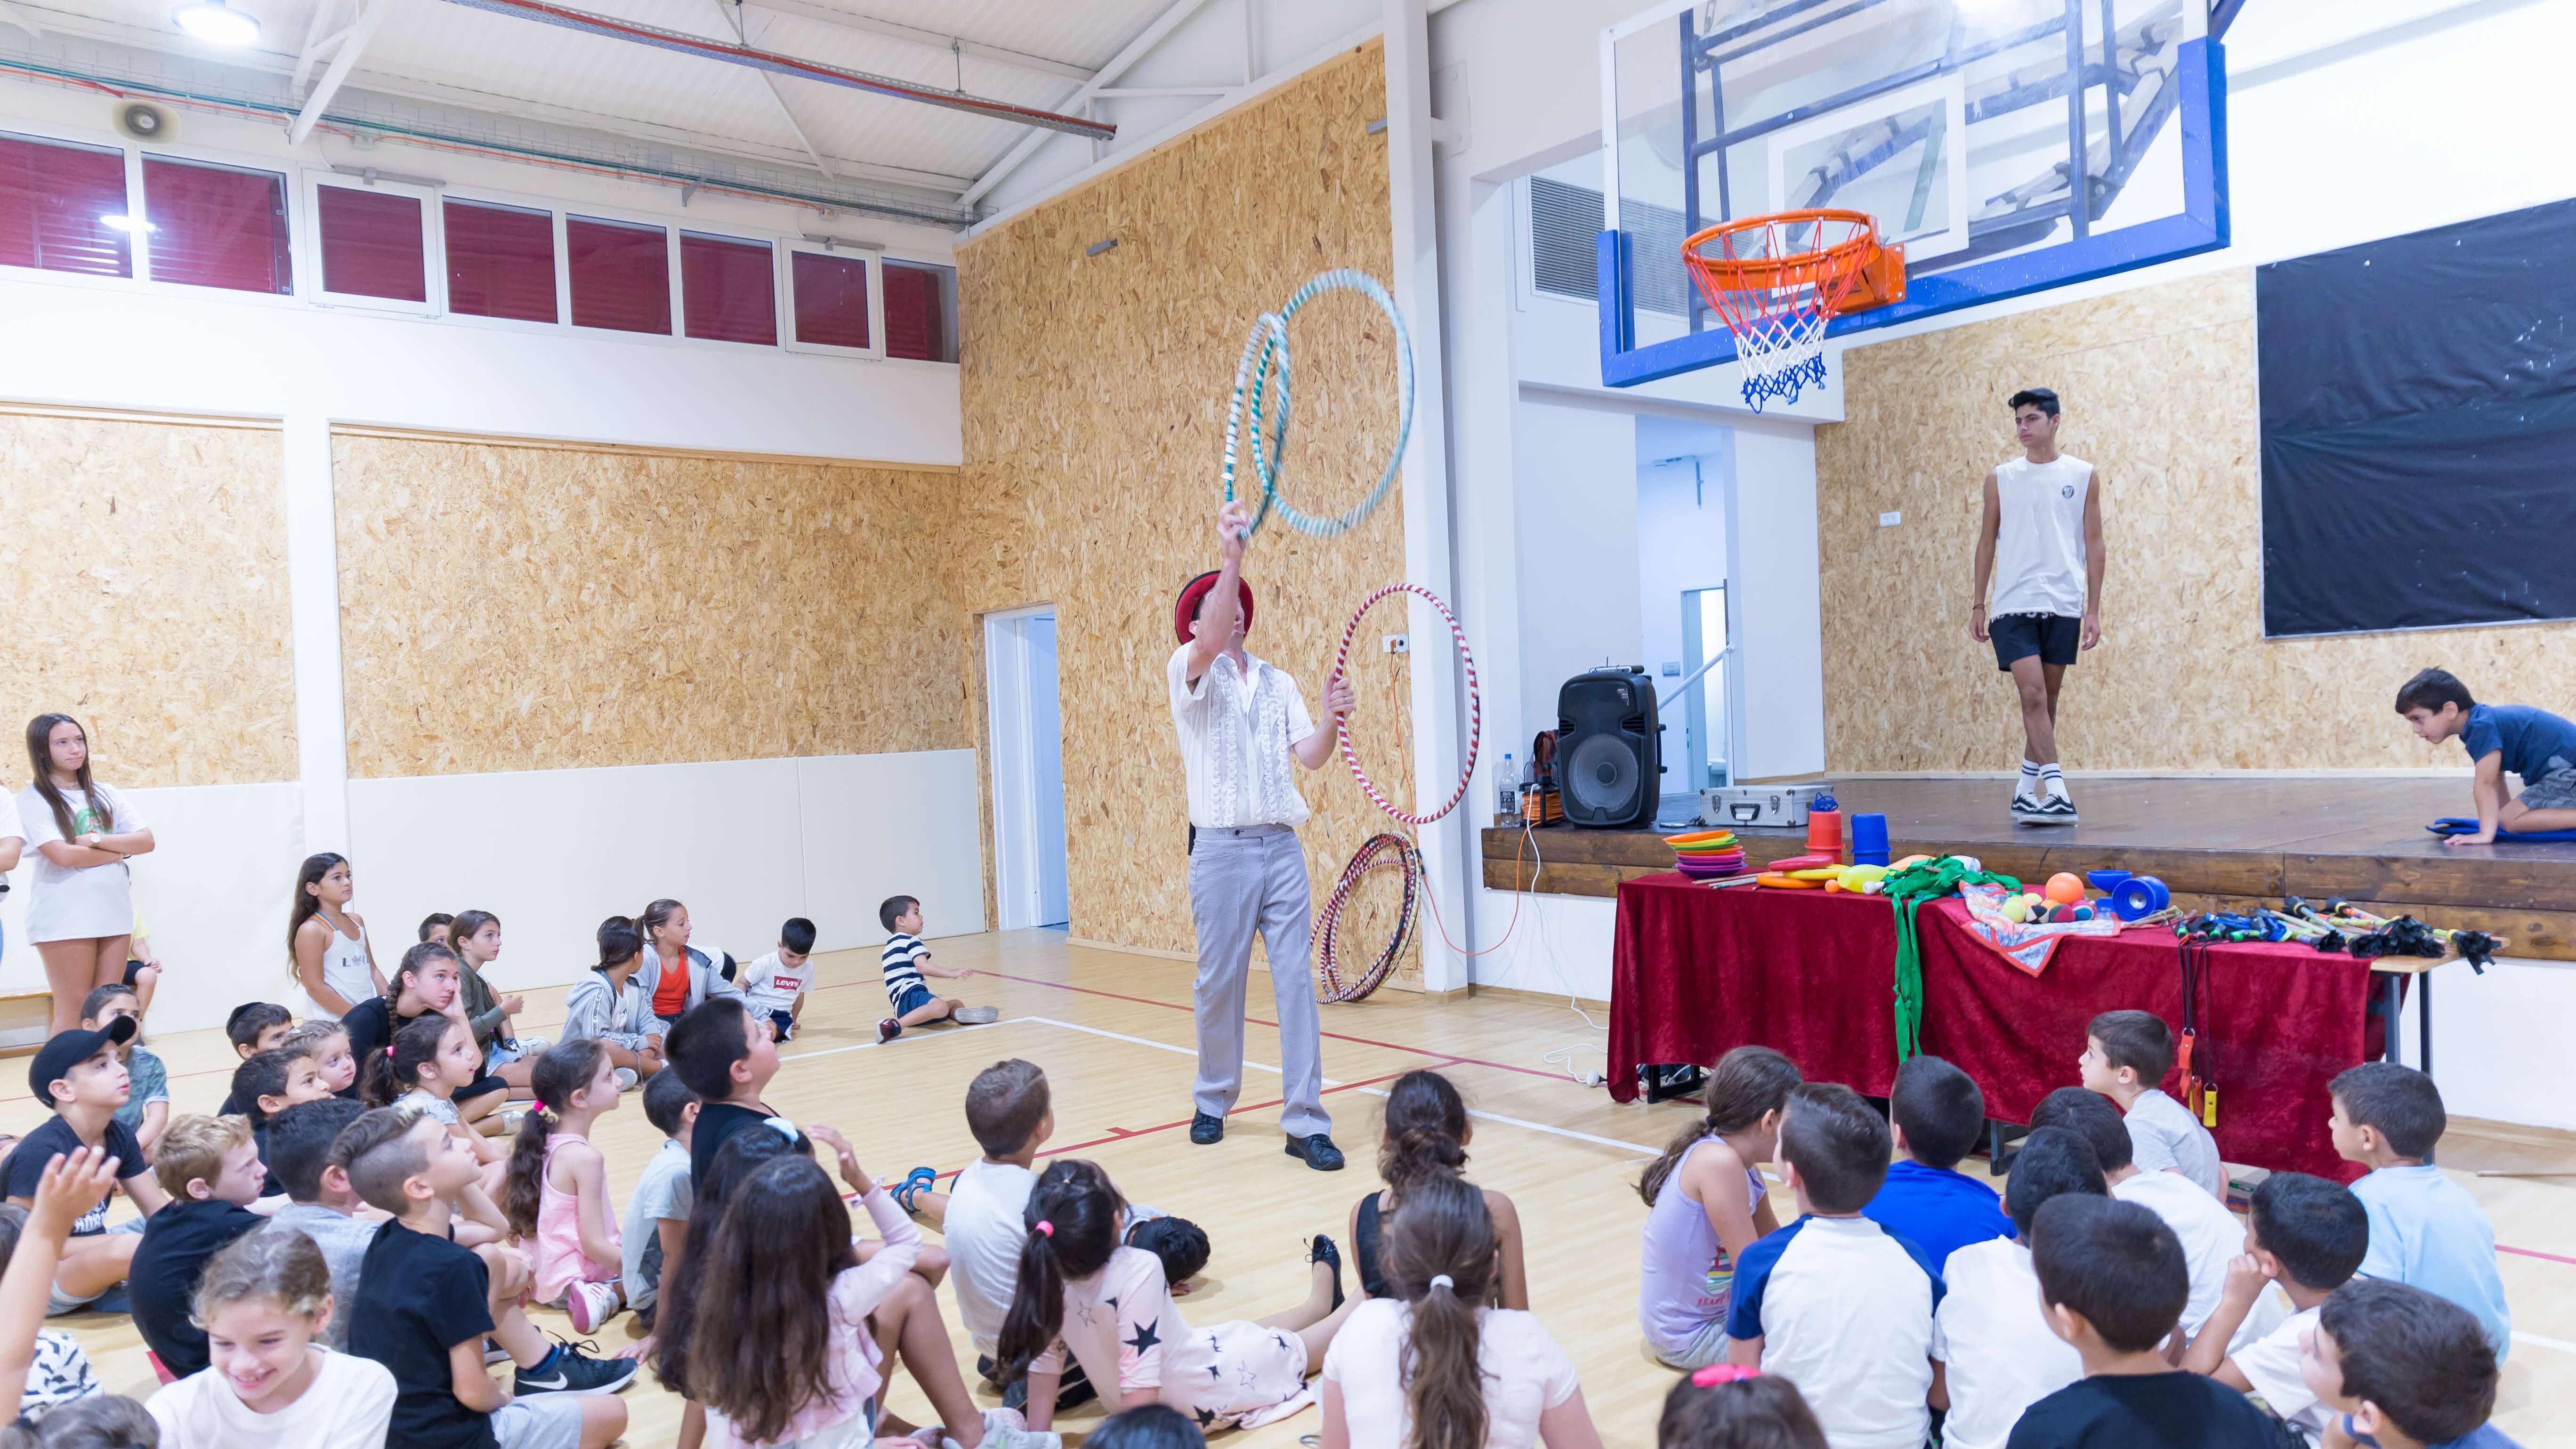 הכשרה ארגנה קייטנה עם מגוון פעילויות לילדי העובדים